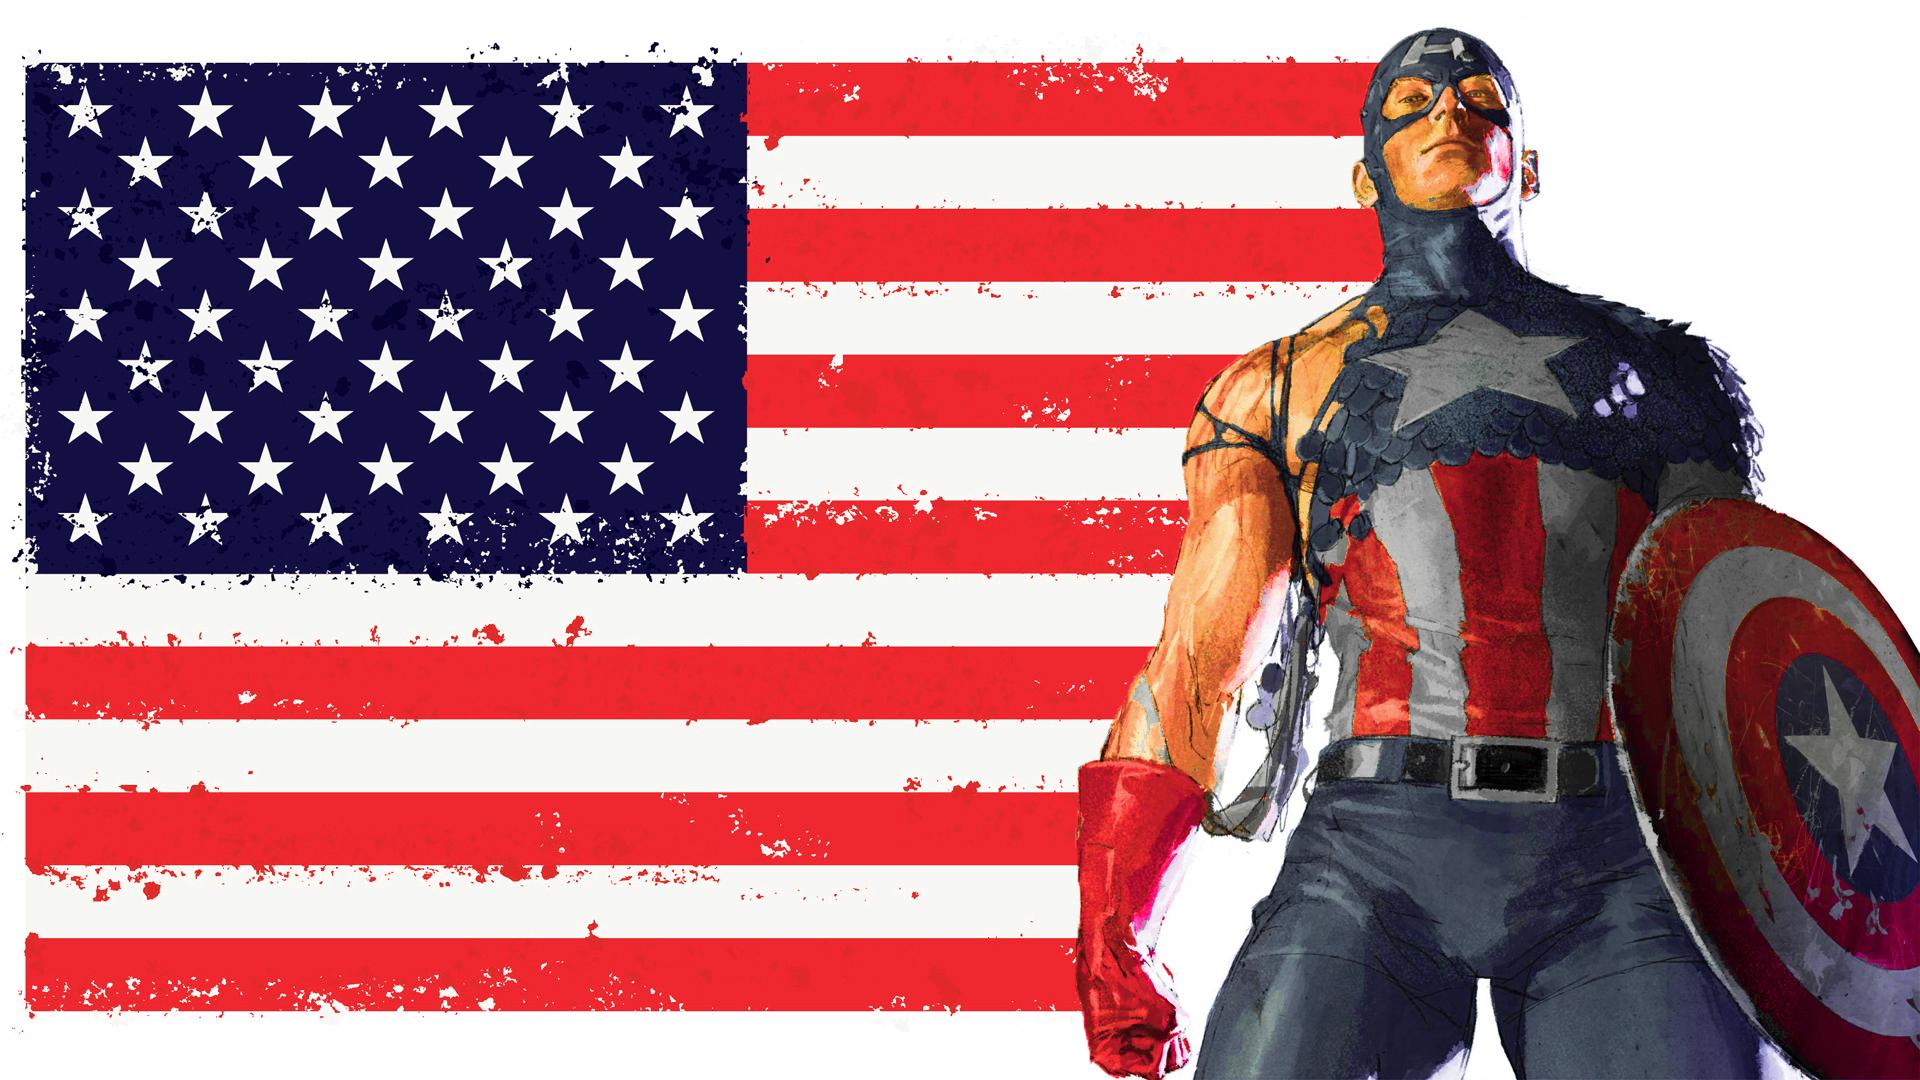 Papel De Parede Do Capitao America: Capitão América Papel De Parede HD